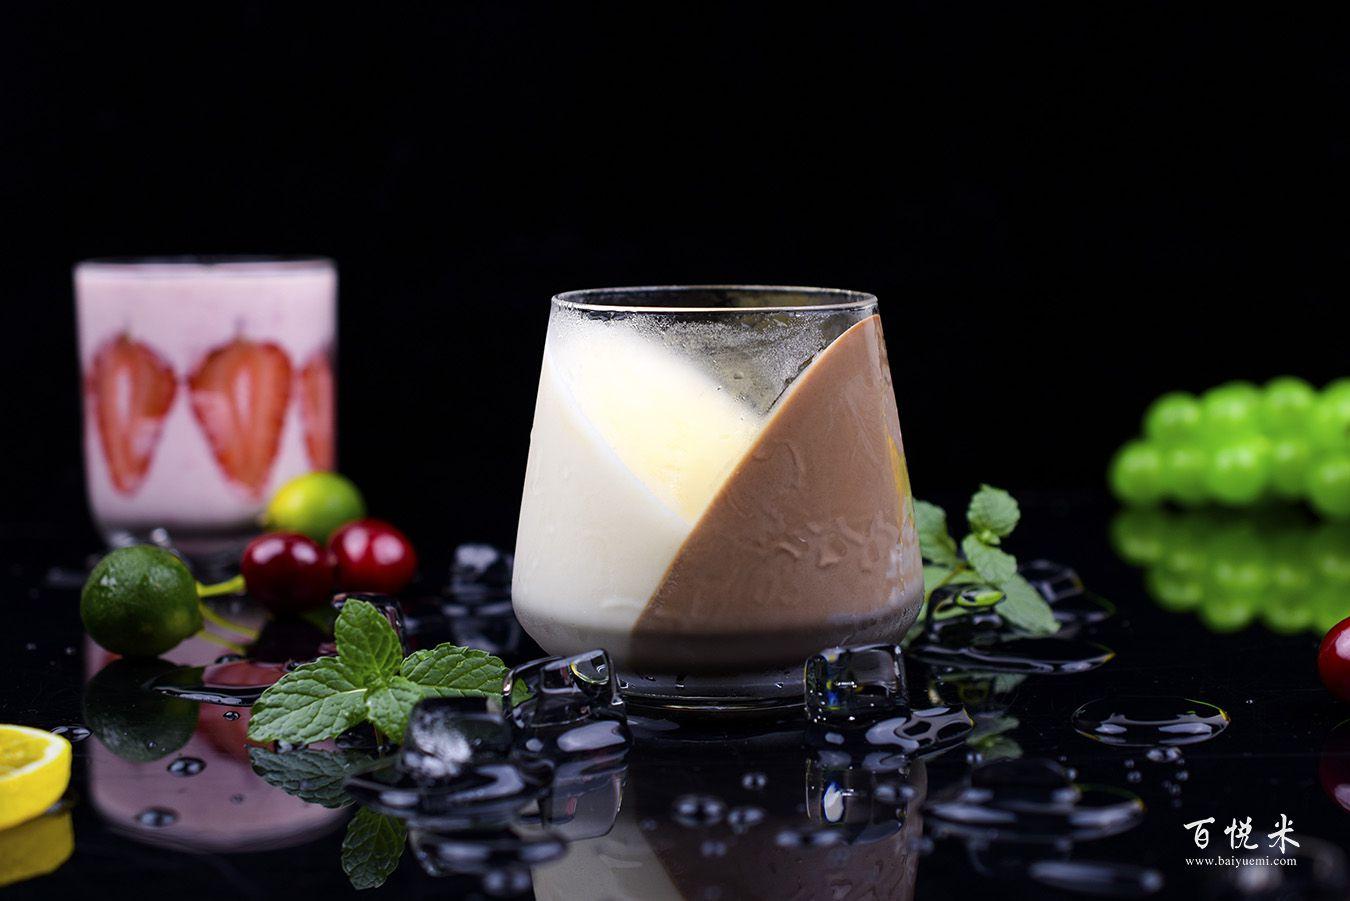 巧克力牛奶心形布丁高清图片大全【蛋糕图片】_1269